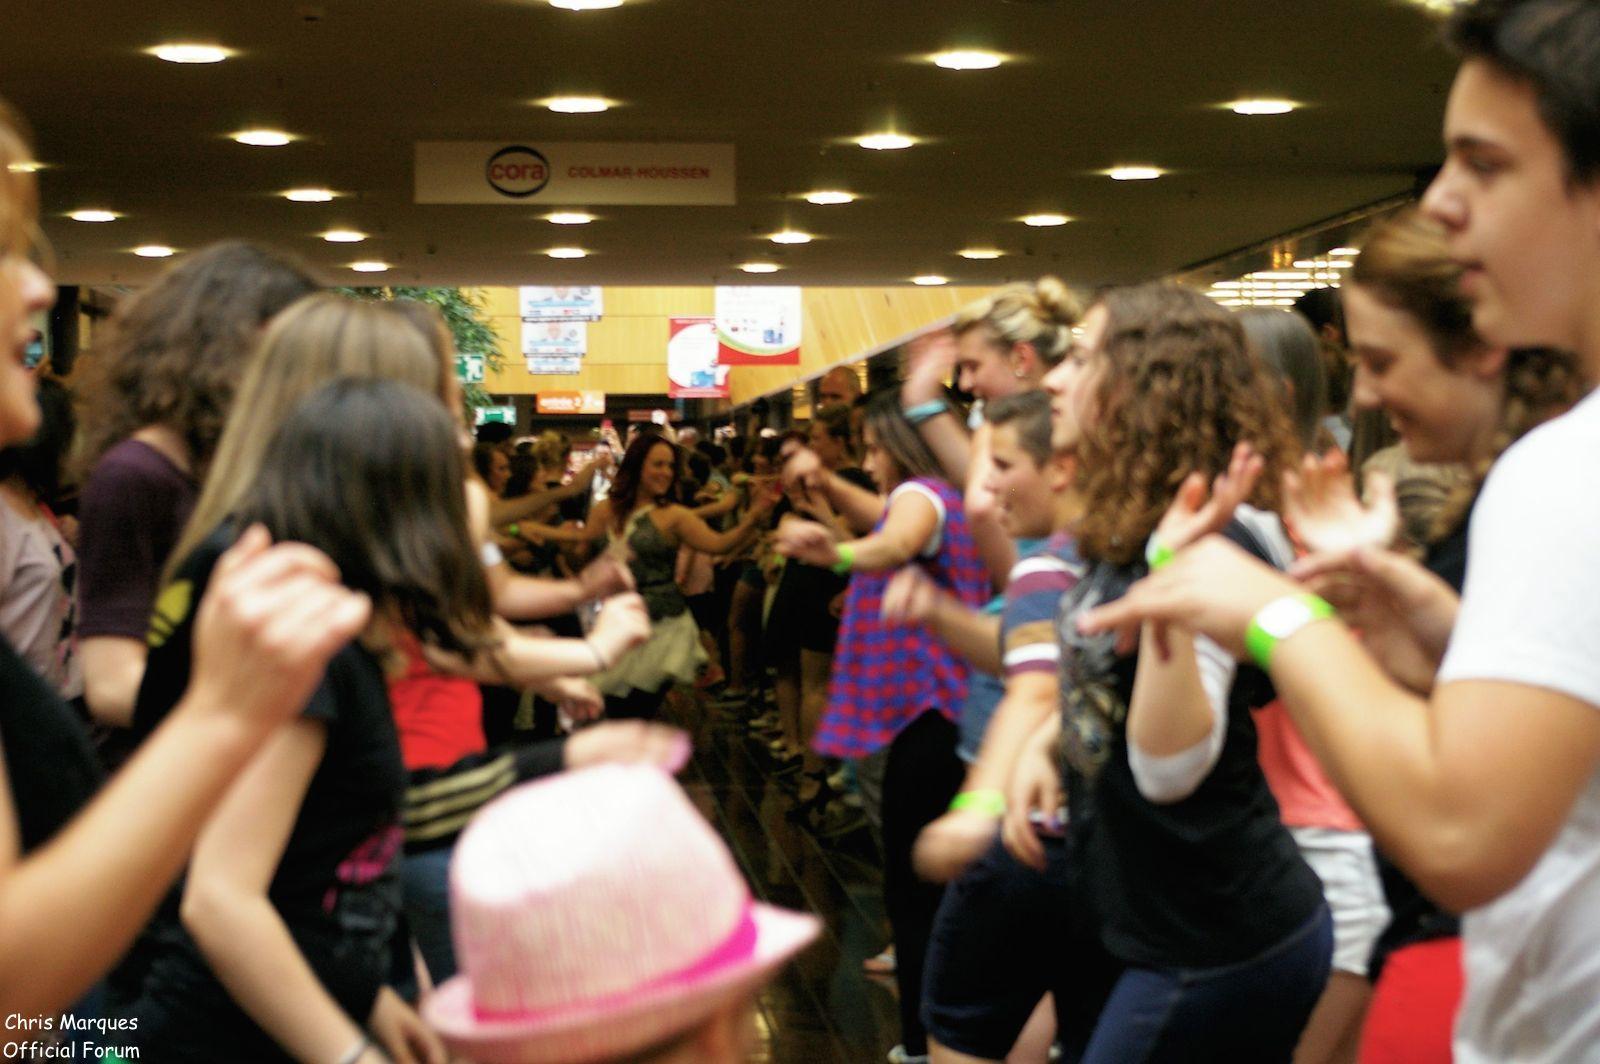 [14.06.2014] Evénement à #Colmar Chris Marques et Jaclyn Spencer pour un Flashmob/Cours de Danse/Dédicaces exceptionnels le tout organisé par la MJC de Colmar 412